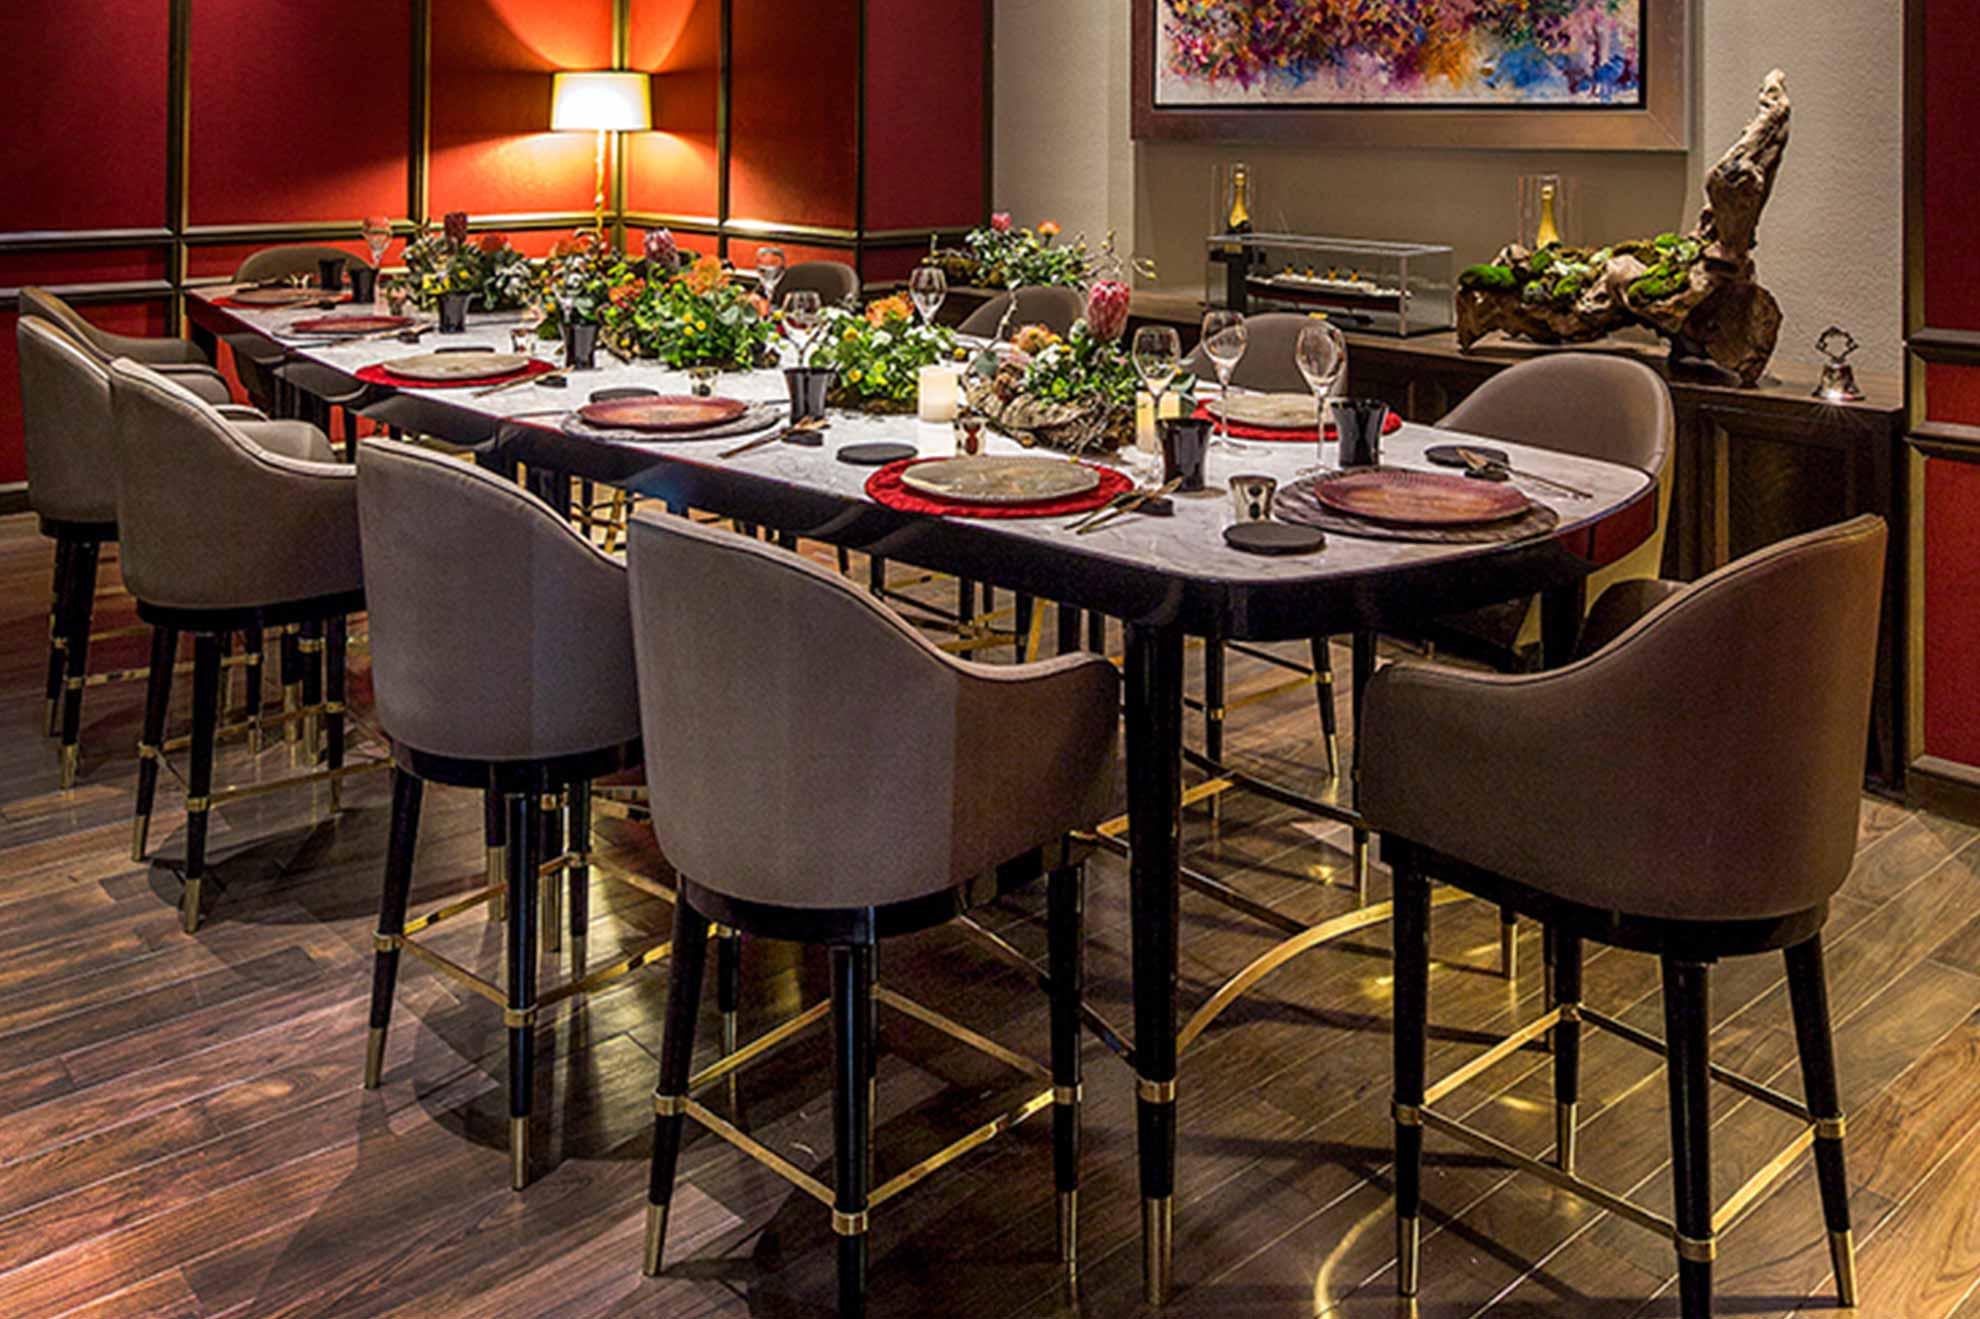 La Table Krug, espacio exclusivo diseñado para 12 comensales ubicado en Hotel St. Regis México